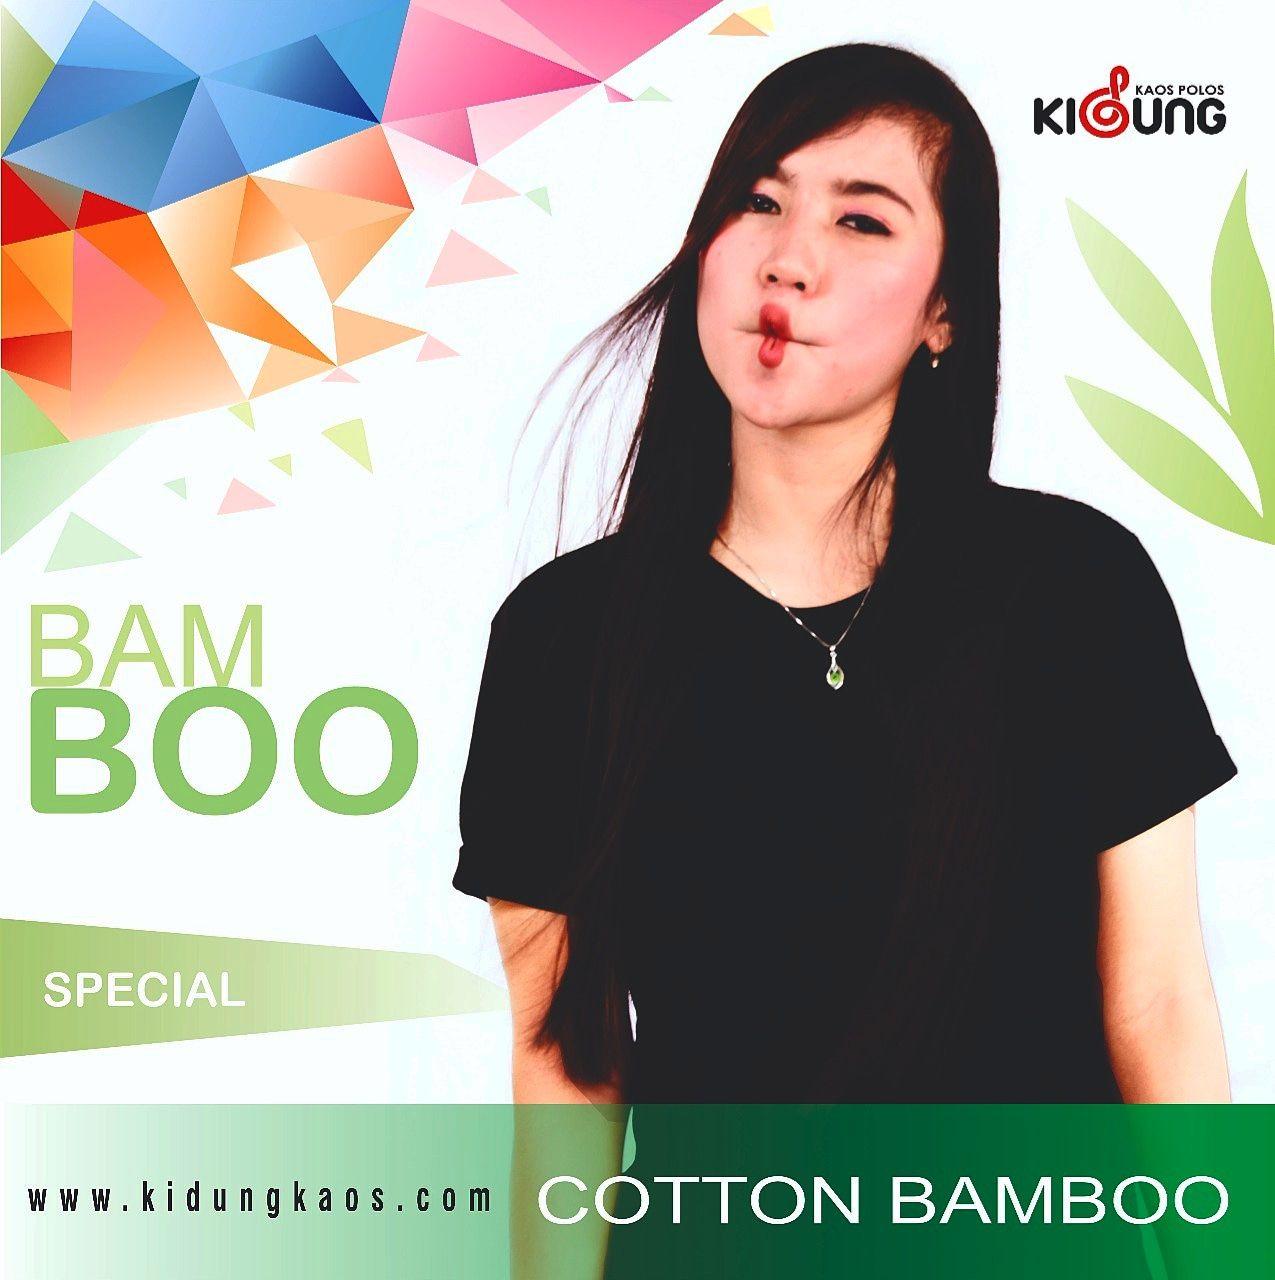 Kaos Polos Bamboo